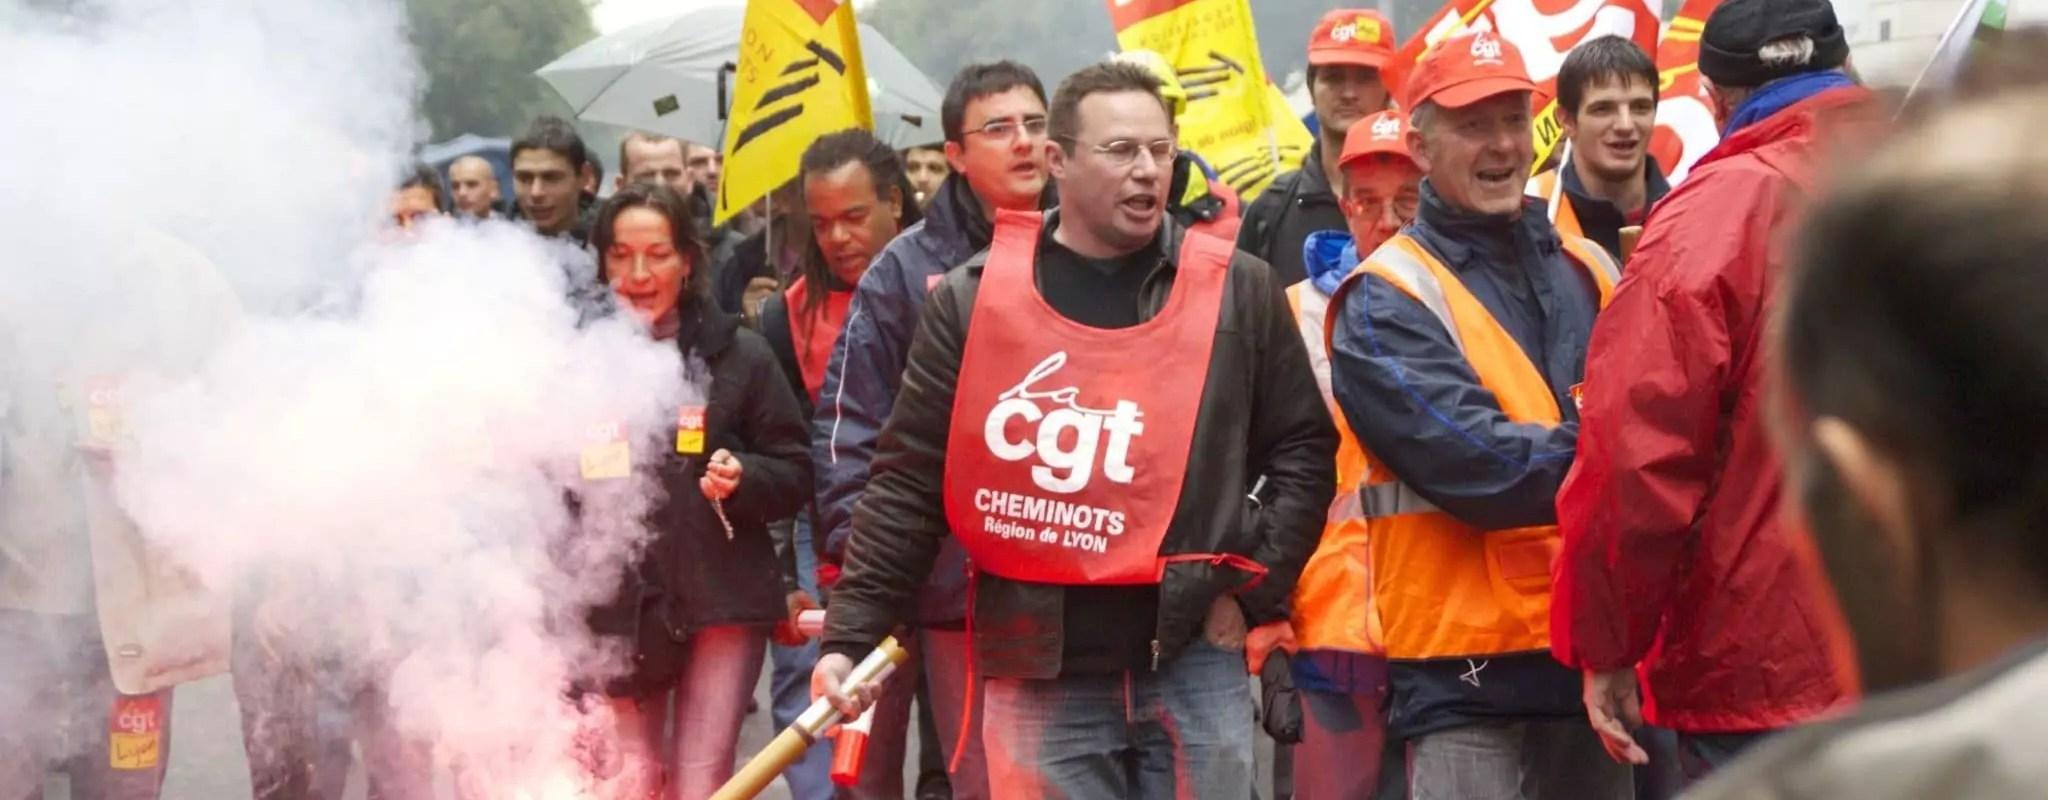 Manifestation en défense des retraites mardi